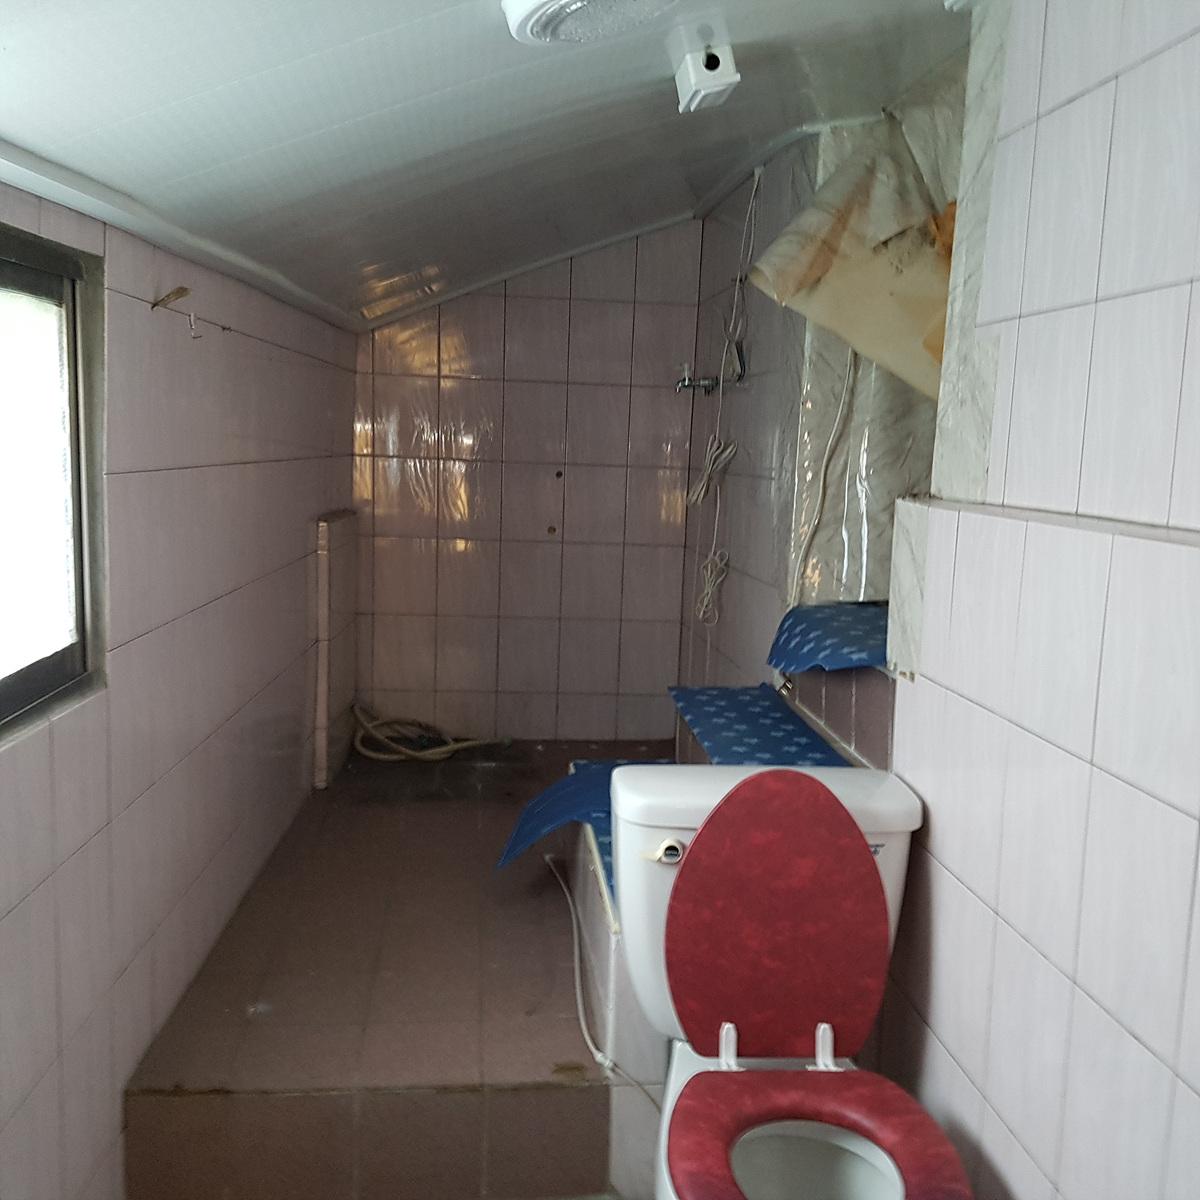 8 번째 사진 판매시설 에  연면적117 ㎡ 부산광역시 해운대구 우동 천장 텍스 및 지붕 슬레이트 철거에 관한 석면조사